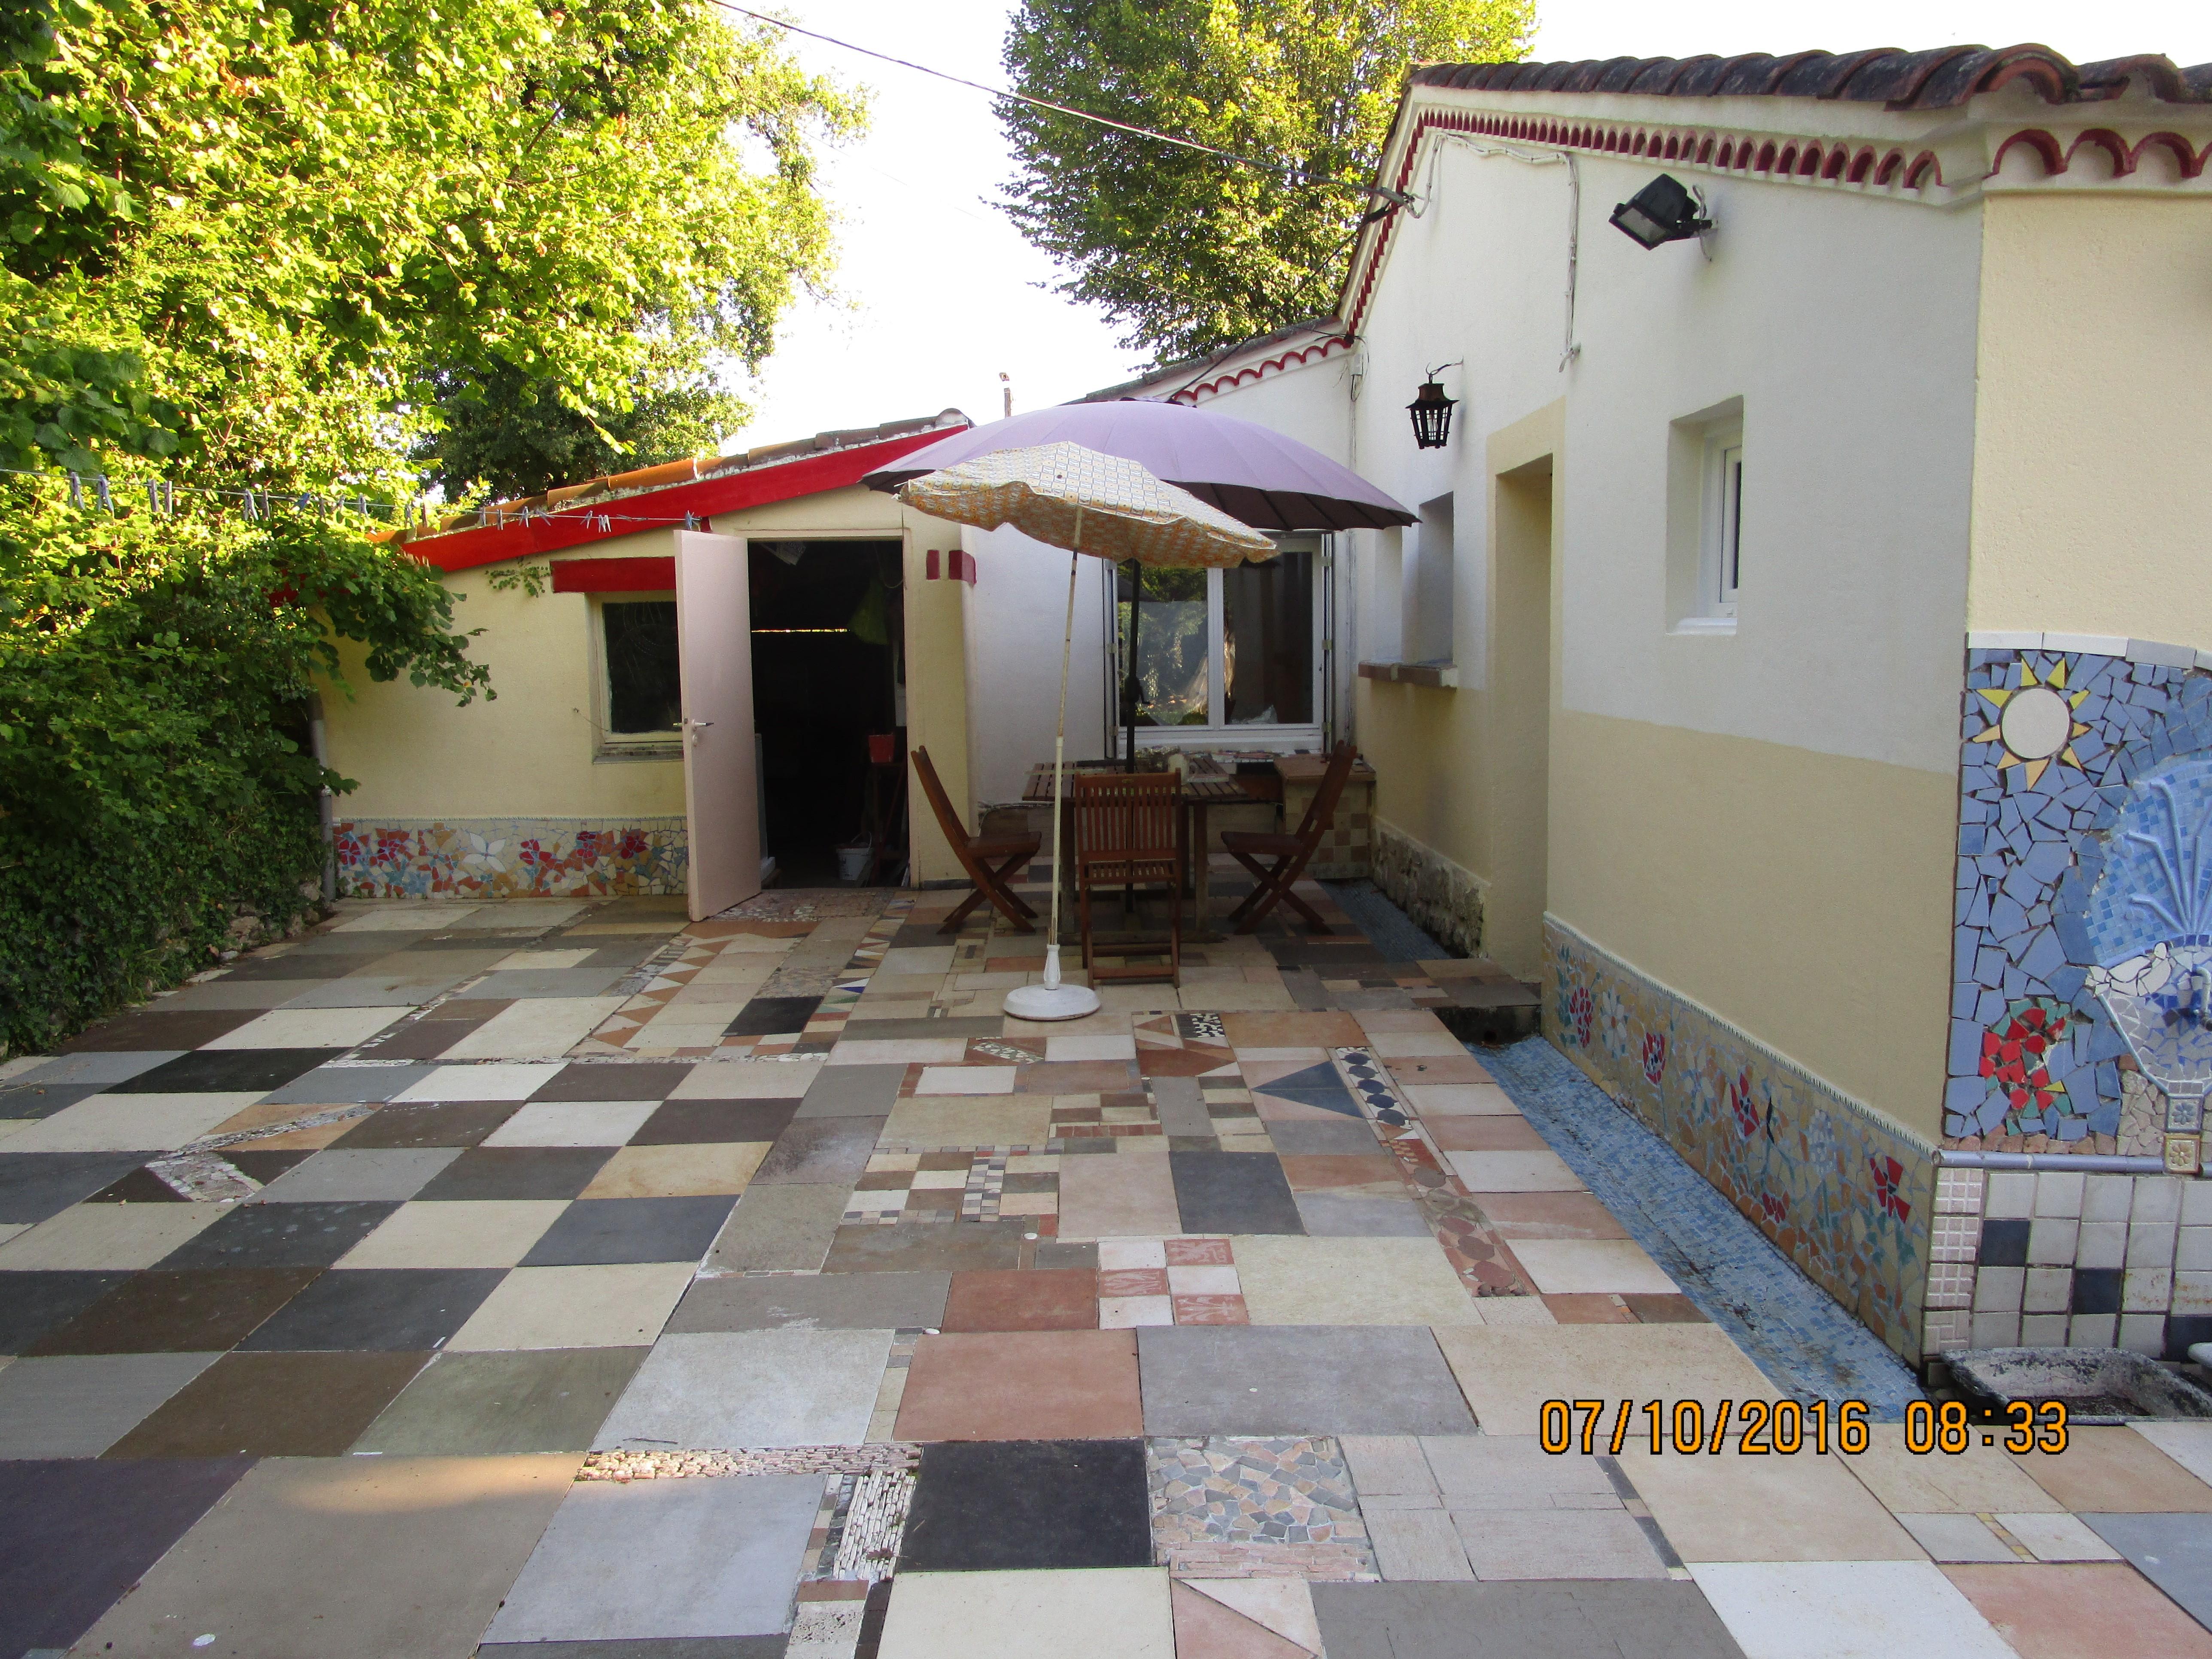 Charmante maison dans un bel environnement immobilier for Garage ad nantes beaujoire